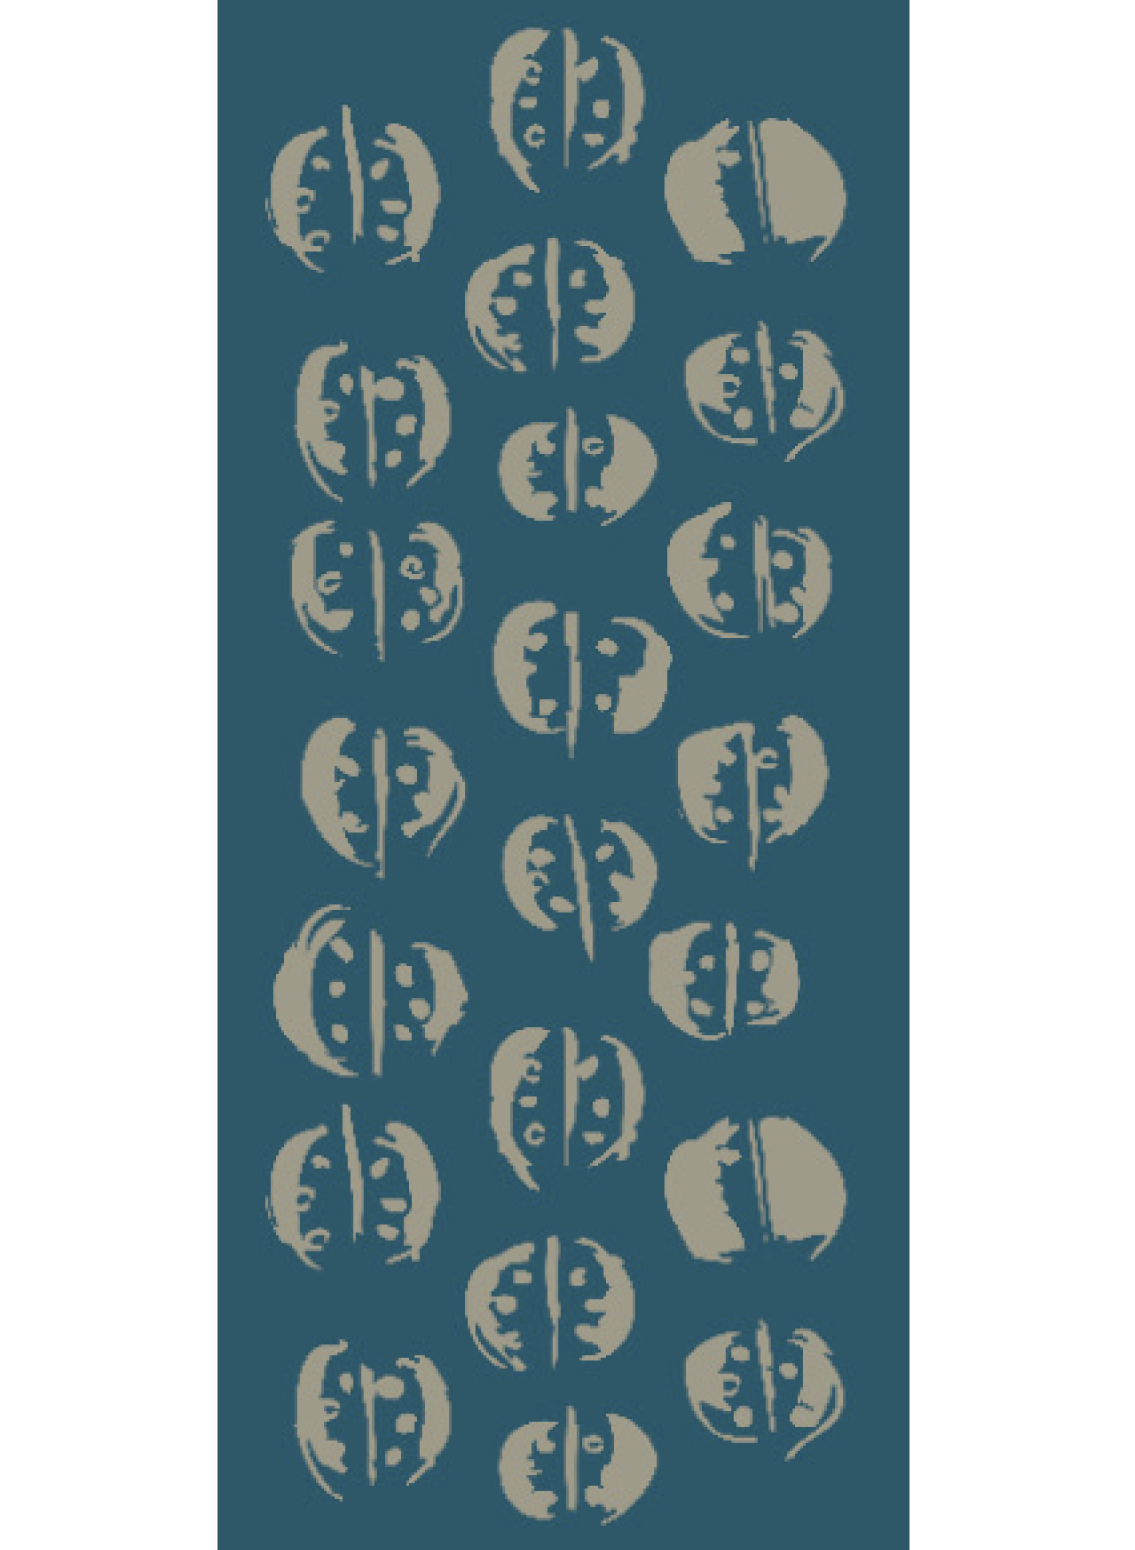 Damenschal bedruckt mit Zucchini Motiv aus hochwertiger Biobaumwolle